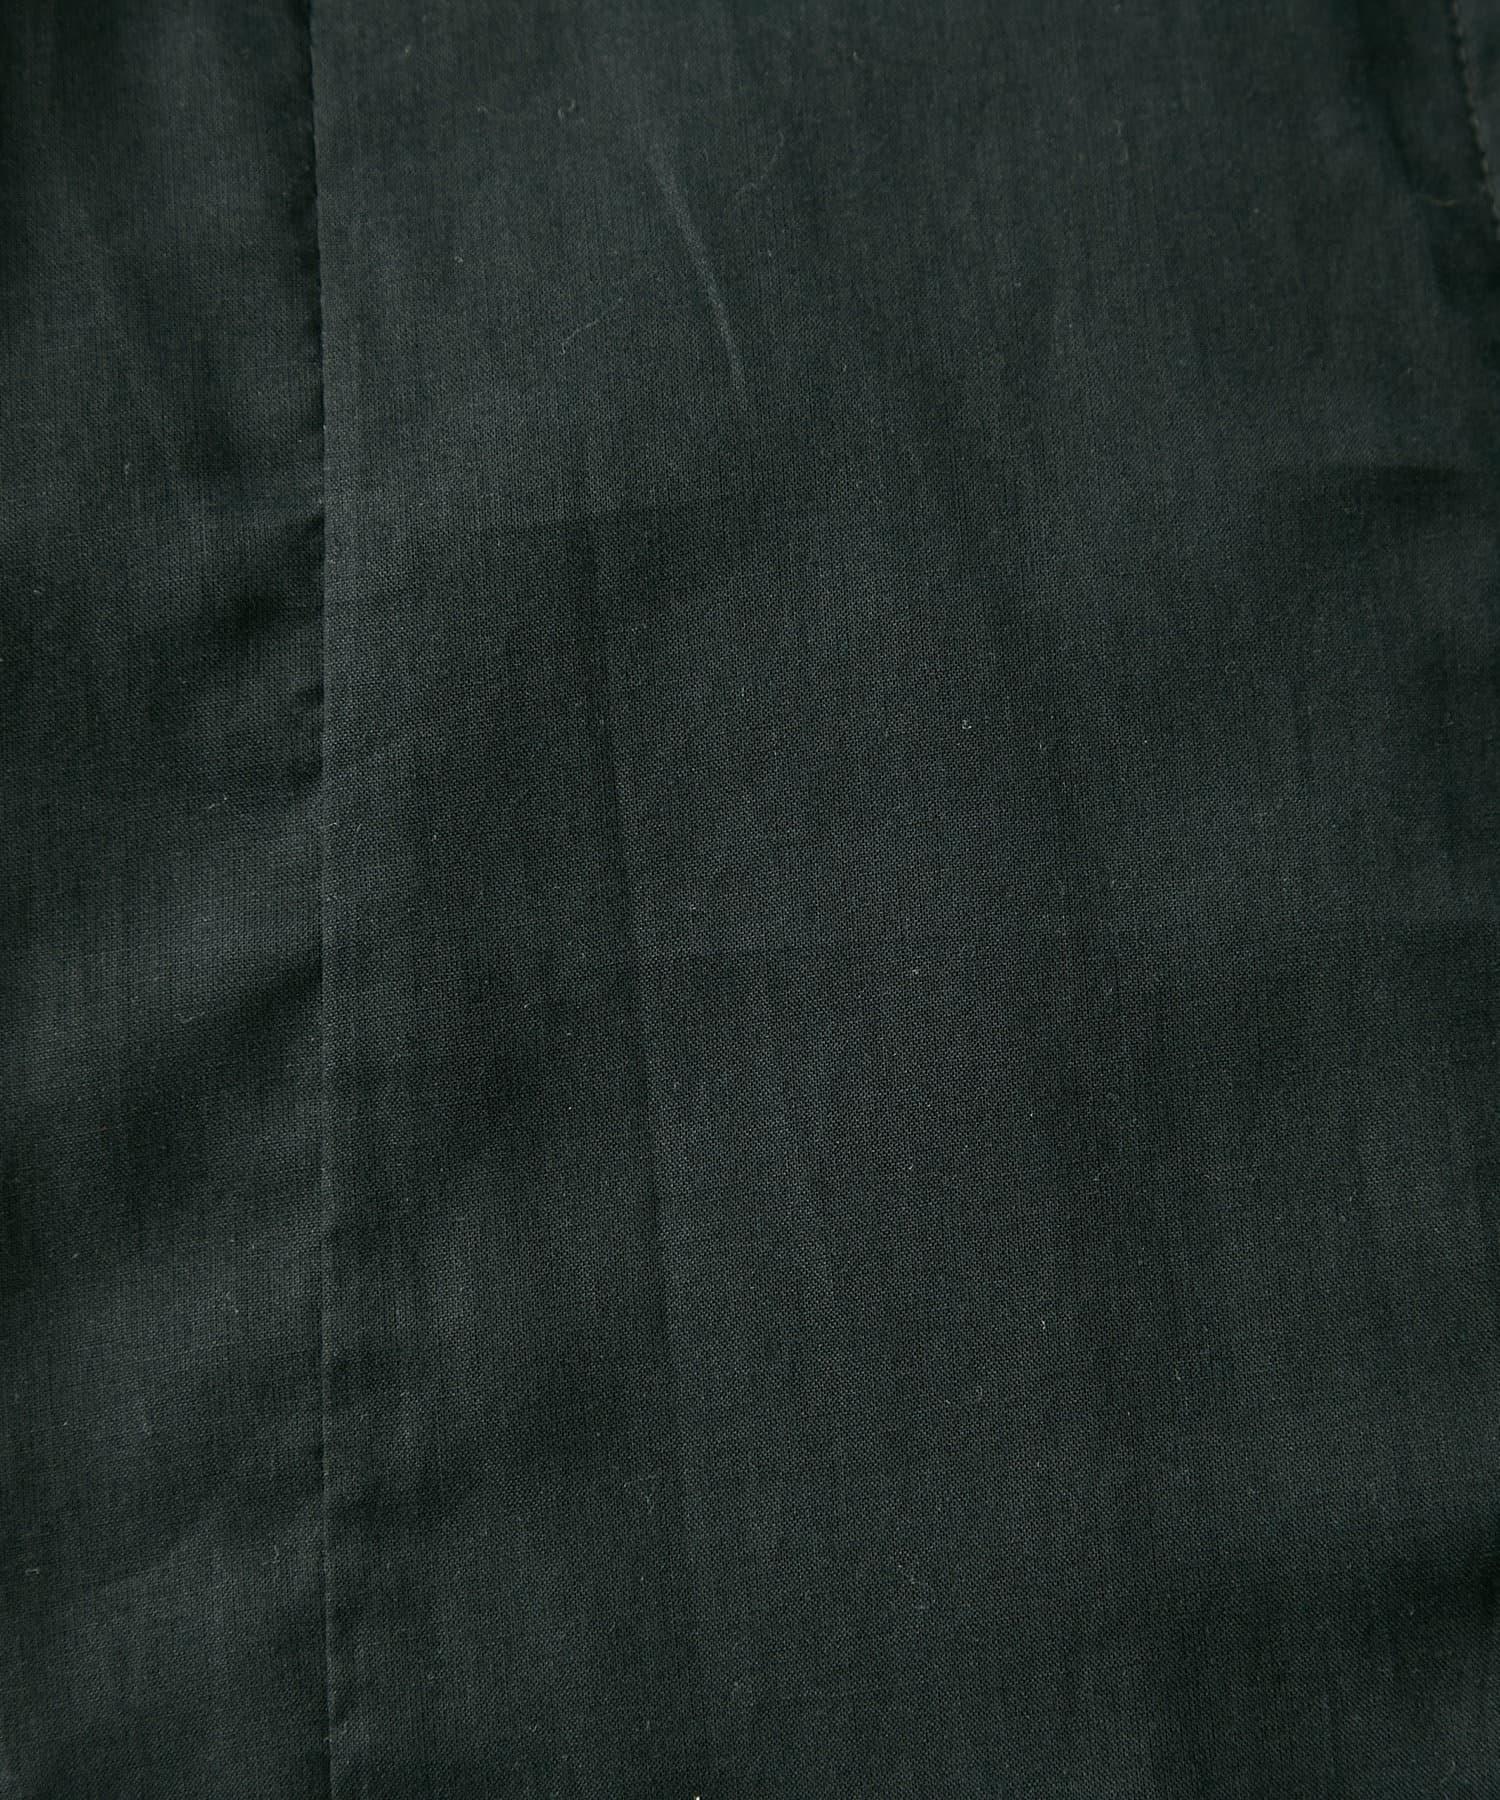 RIVE DROITE(リヴドロワ) 【大人のオーラが薫る】スタンドライトコート